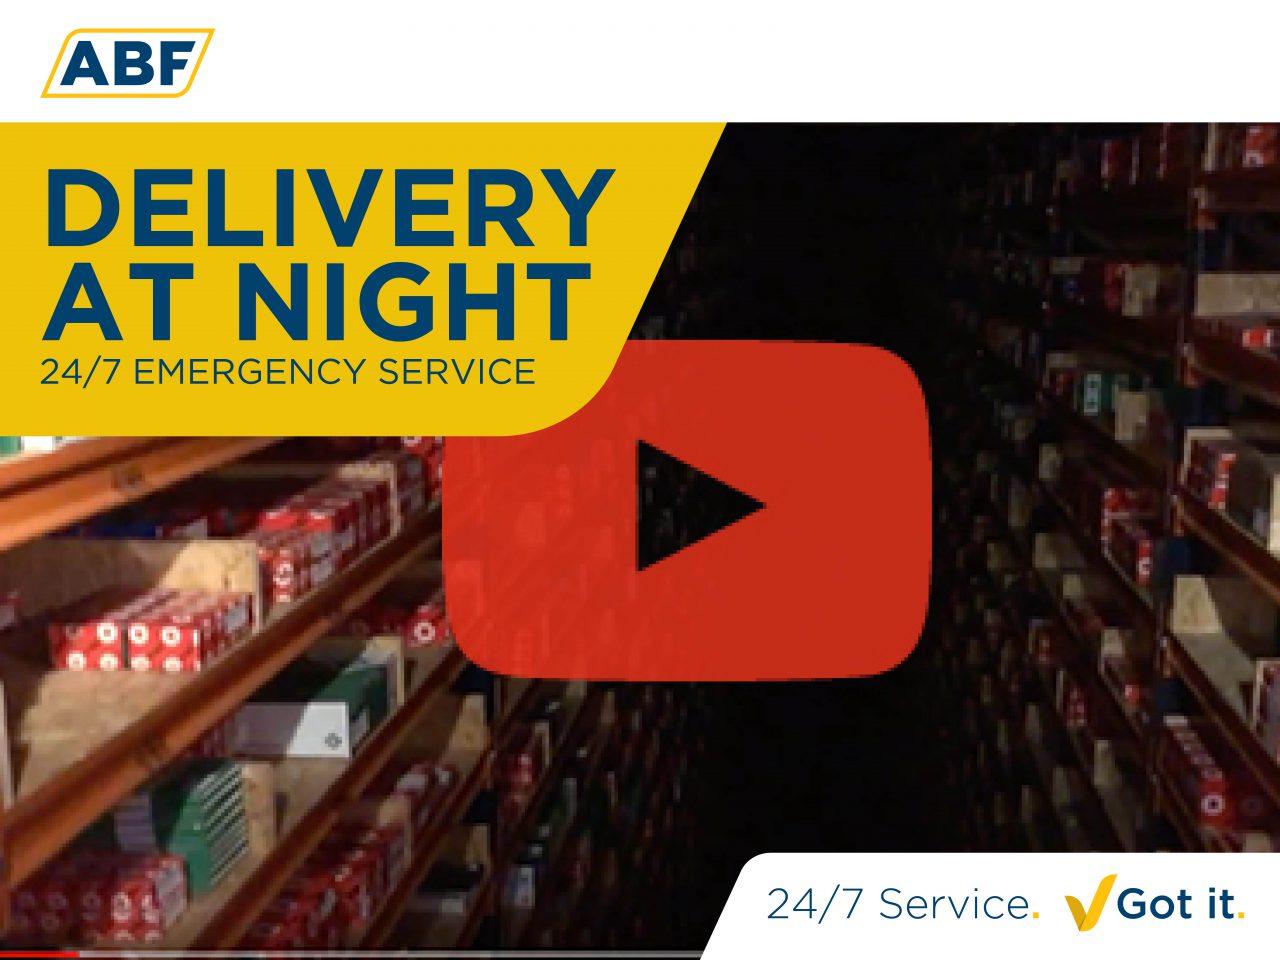 Klant midden in de nacht geholpen (video)